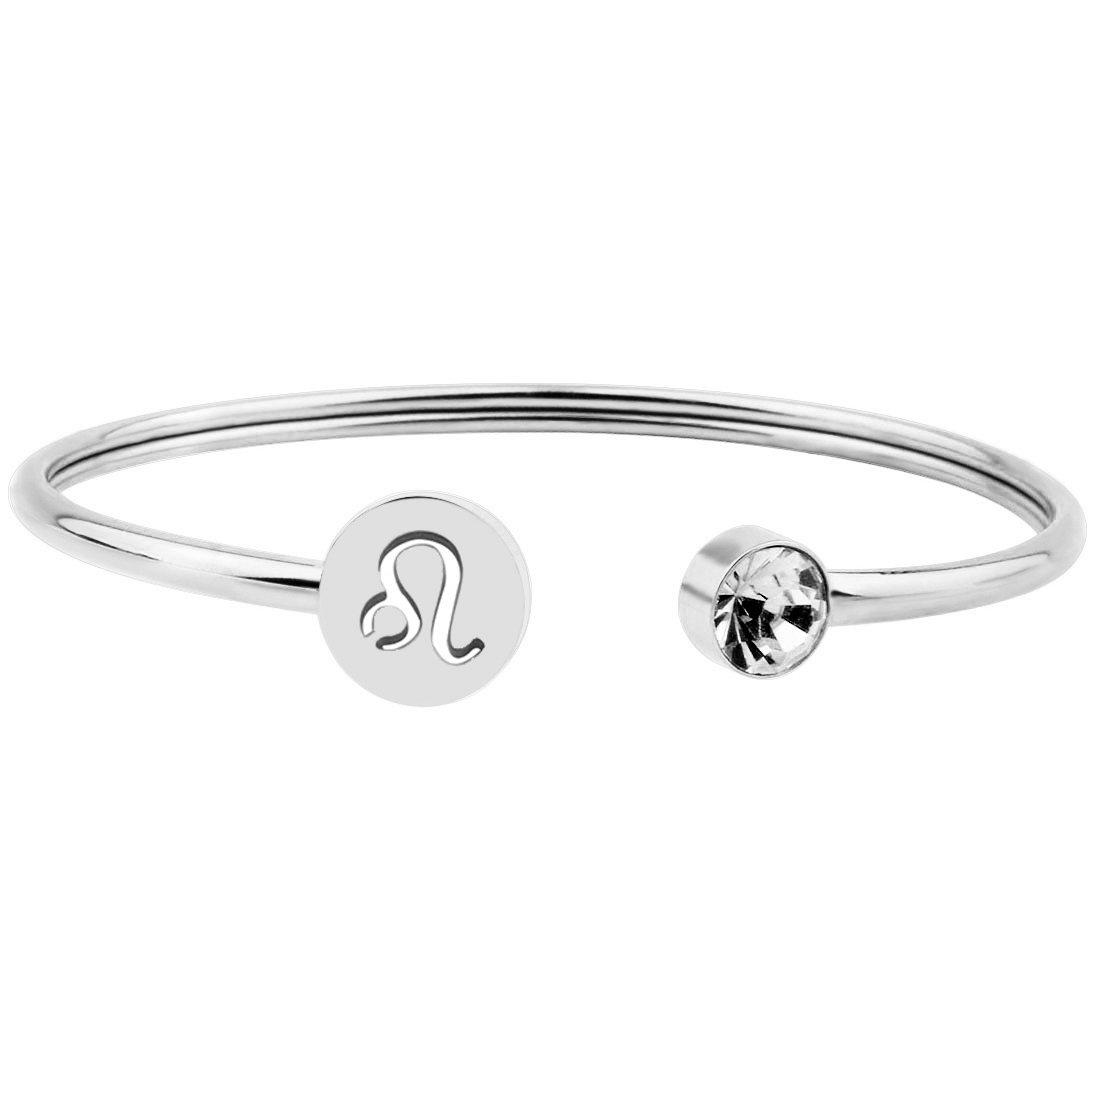 Zuo Bao Simple Zodiac Sign Cuff Bracelet with Birthstone Birthday Gift for Women Girls (Leo)